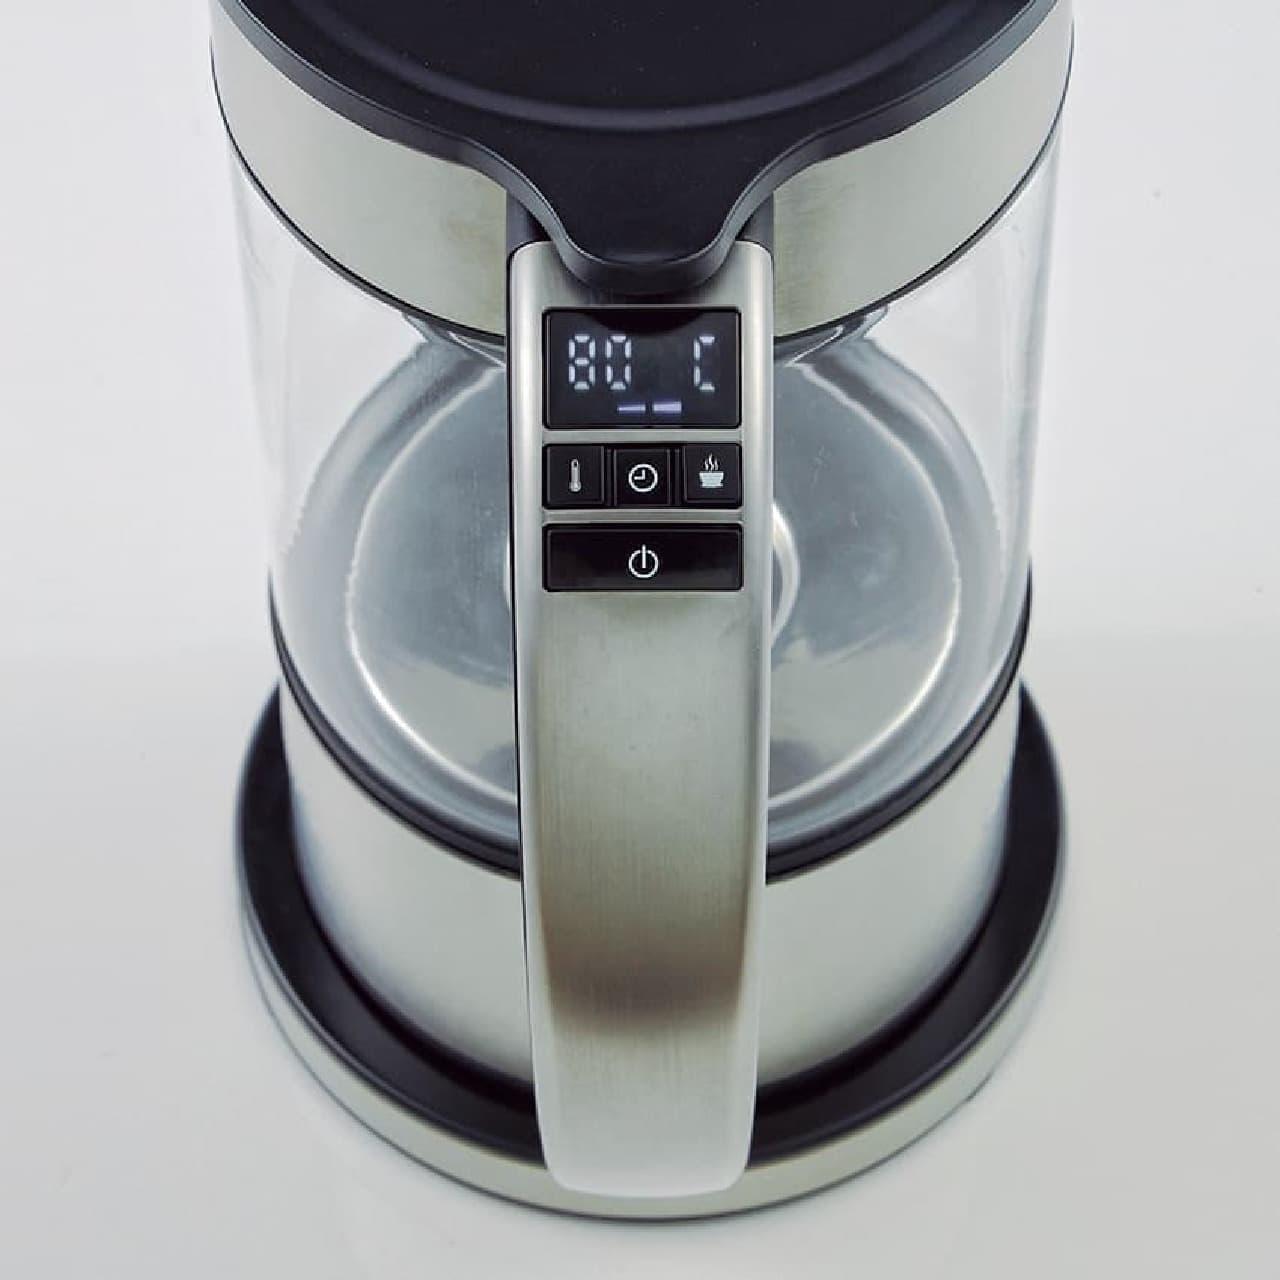 クイジナート「ファウンテン コーヒーメーカー FCC-1KJ」